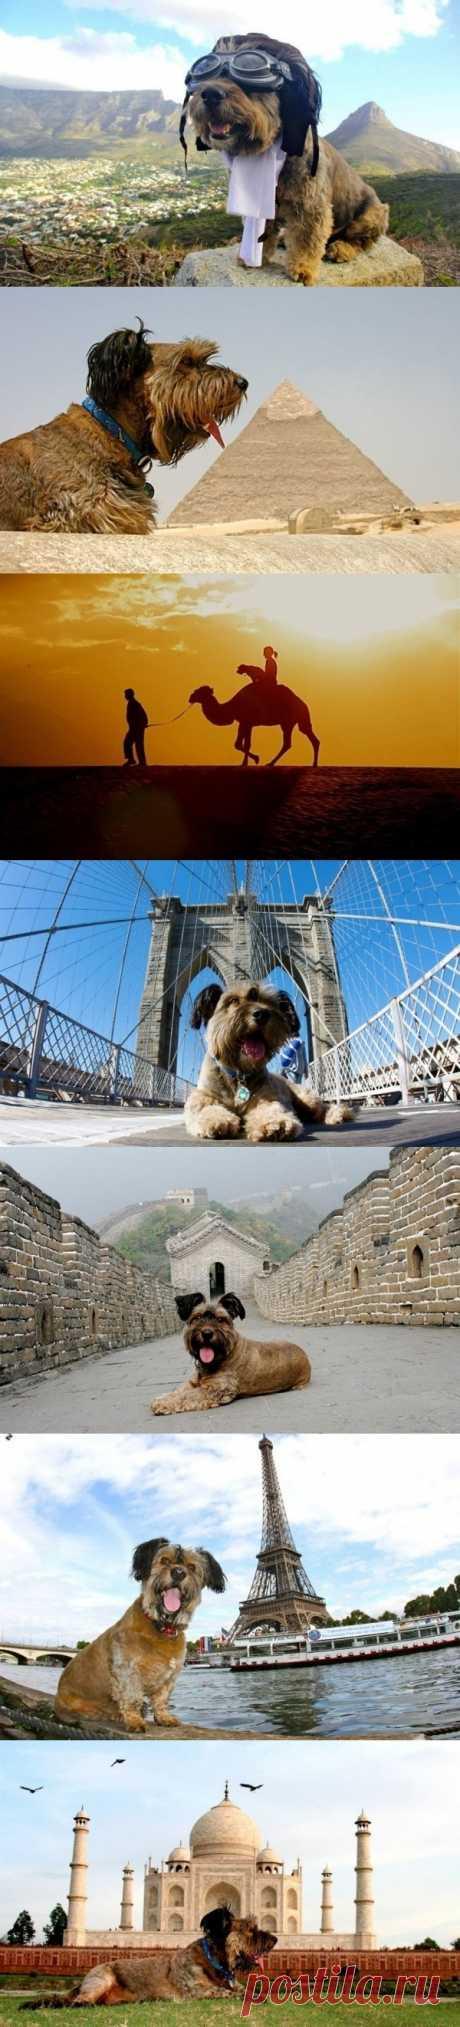 Трогательная история о псе-путешественнике